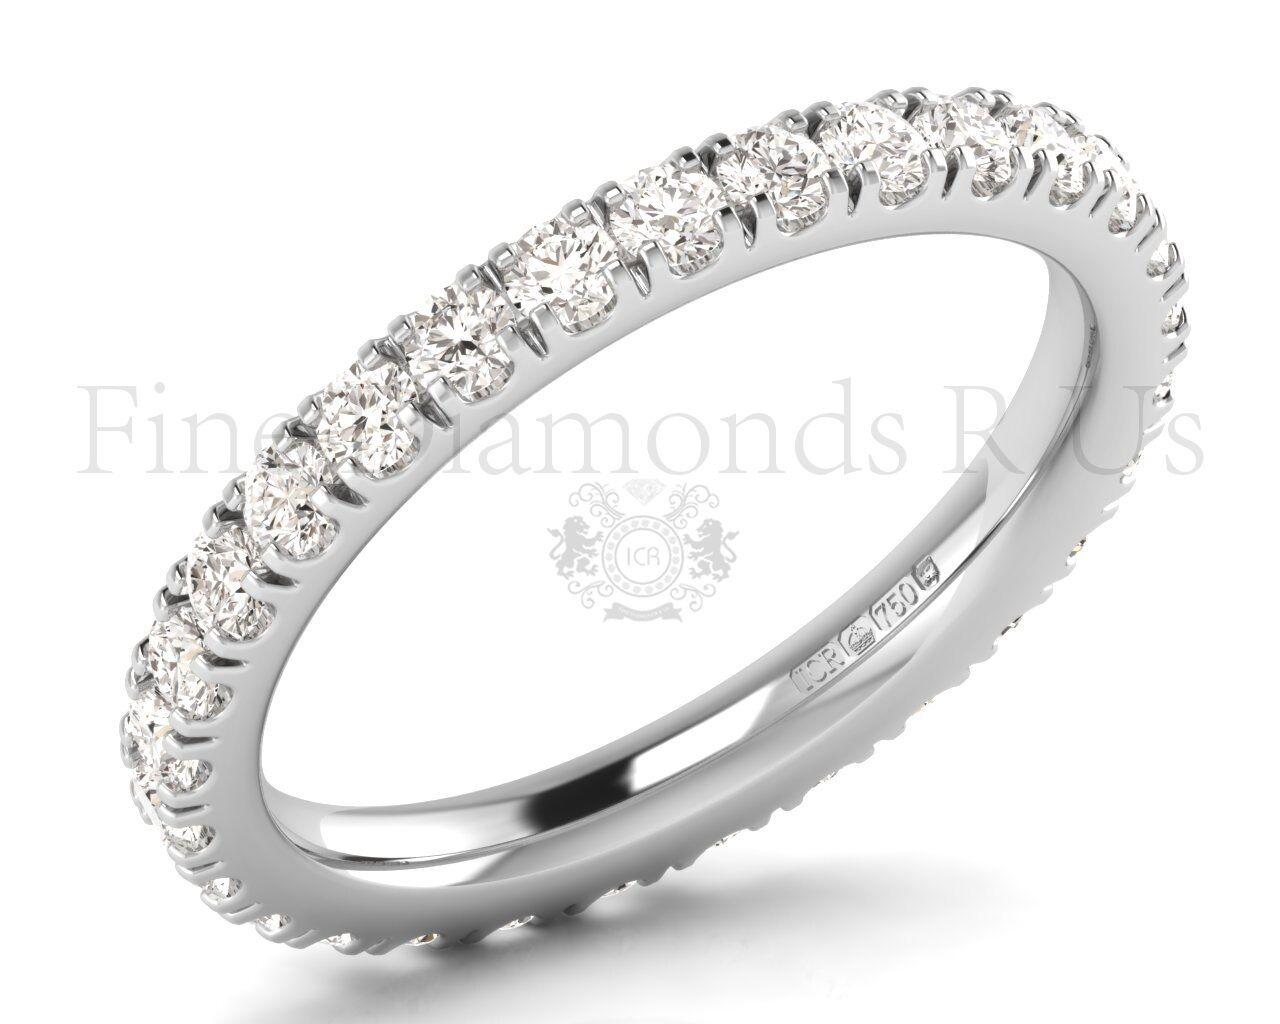 1.00 Carat Round Brilliant Cut Diamonds Full Eternity Ring Available in Platinum